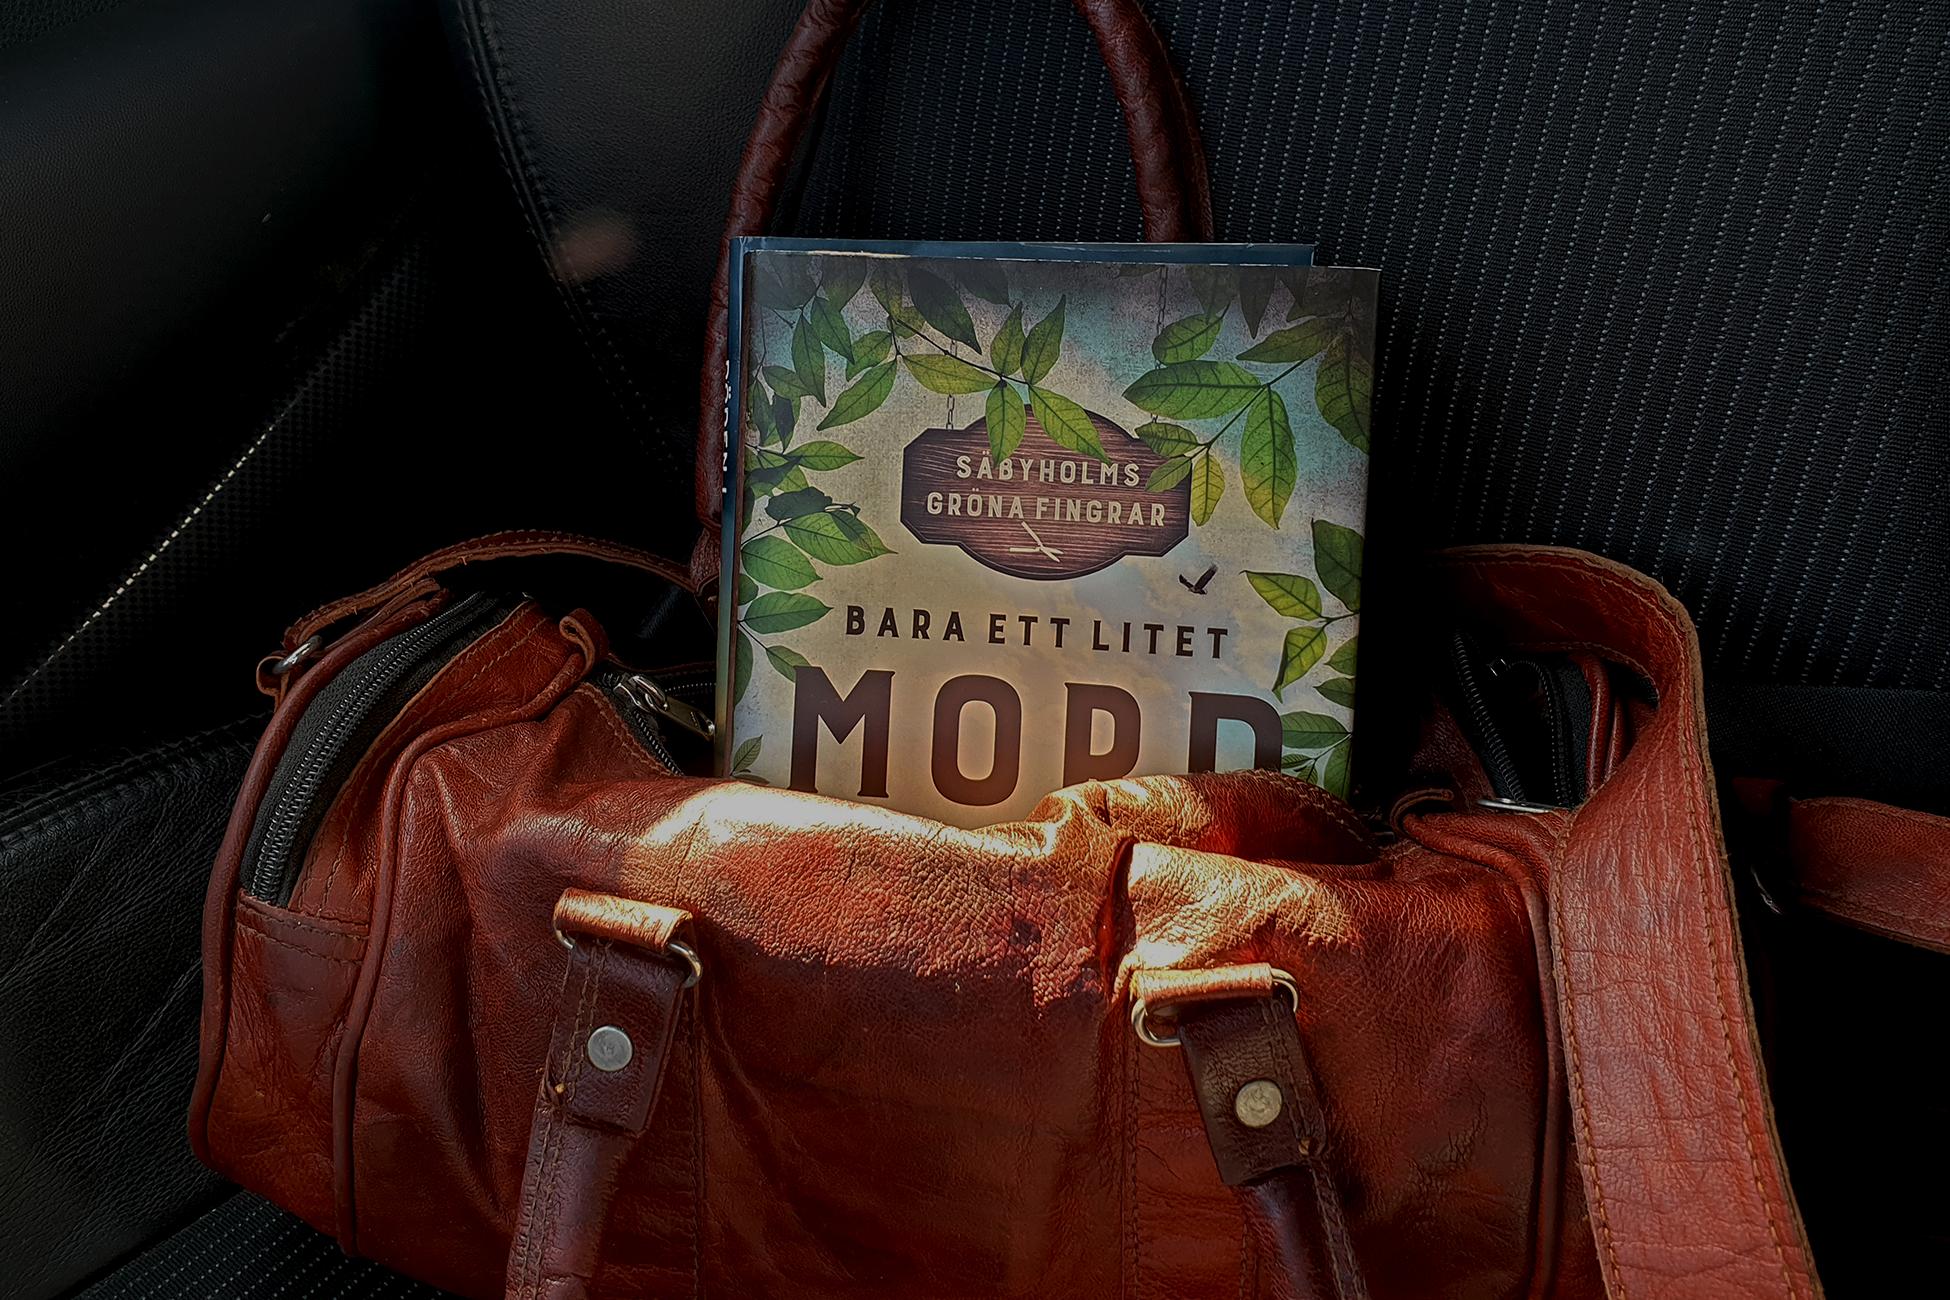 Carin Hjulströms nya bok Bara ett litet mord ligger nedstoppad i en handväska i skinn.